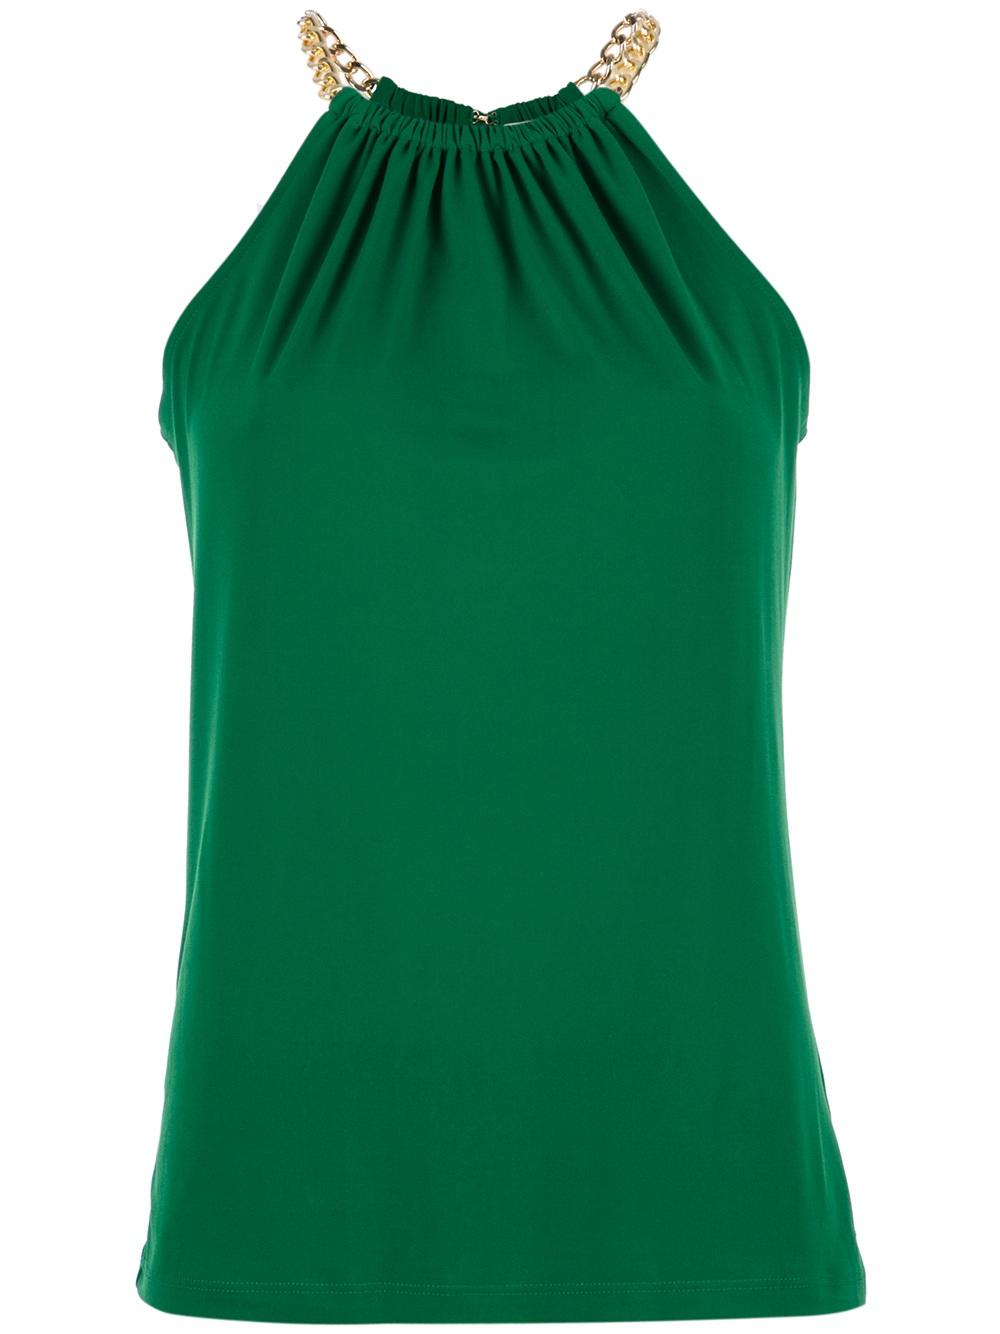 Topshop womens clothing fashion 94